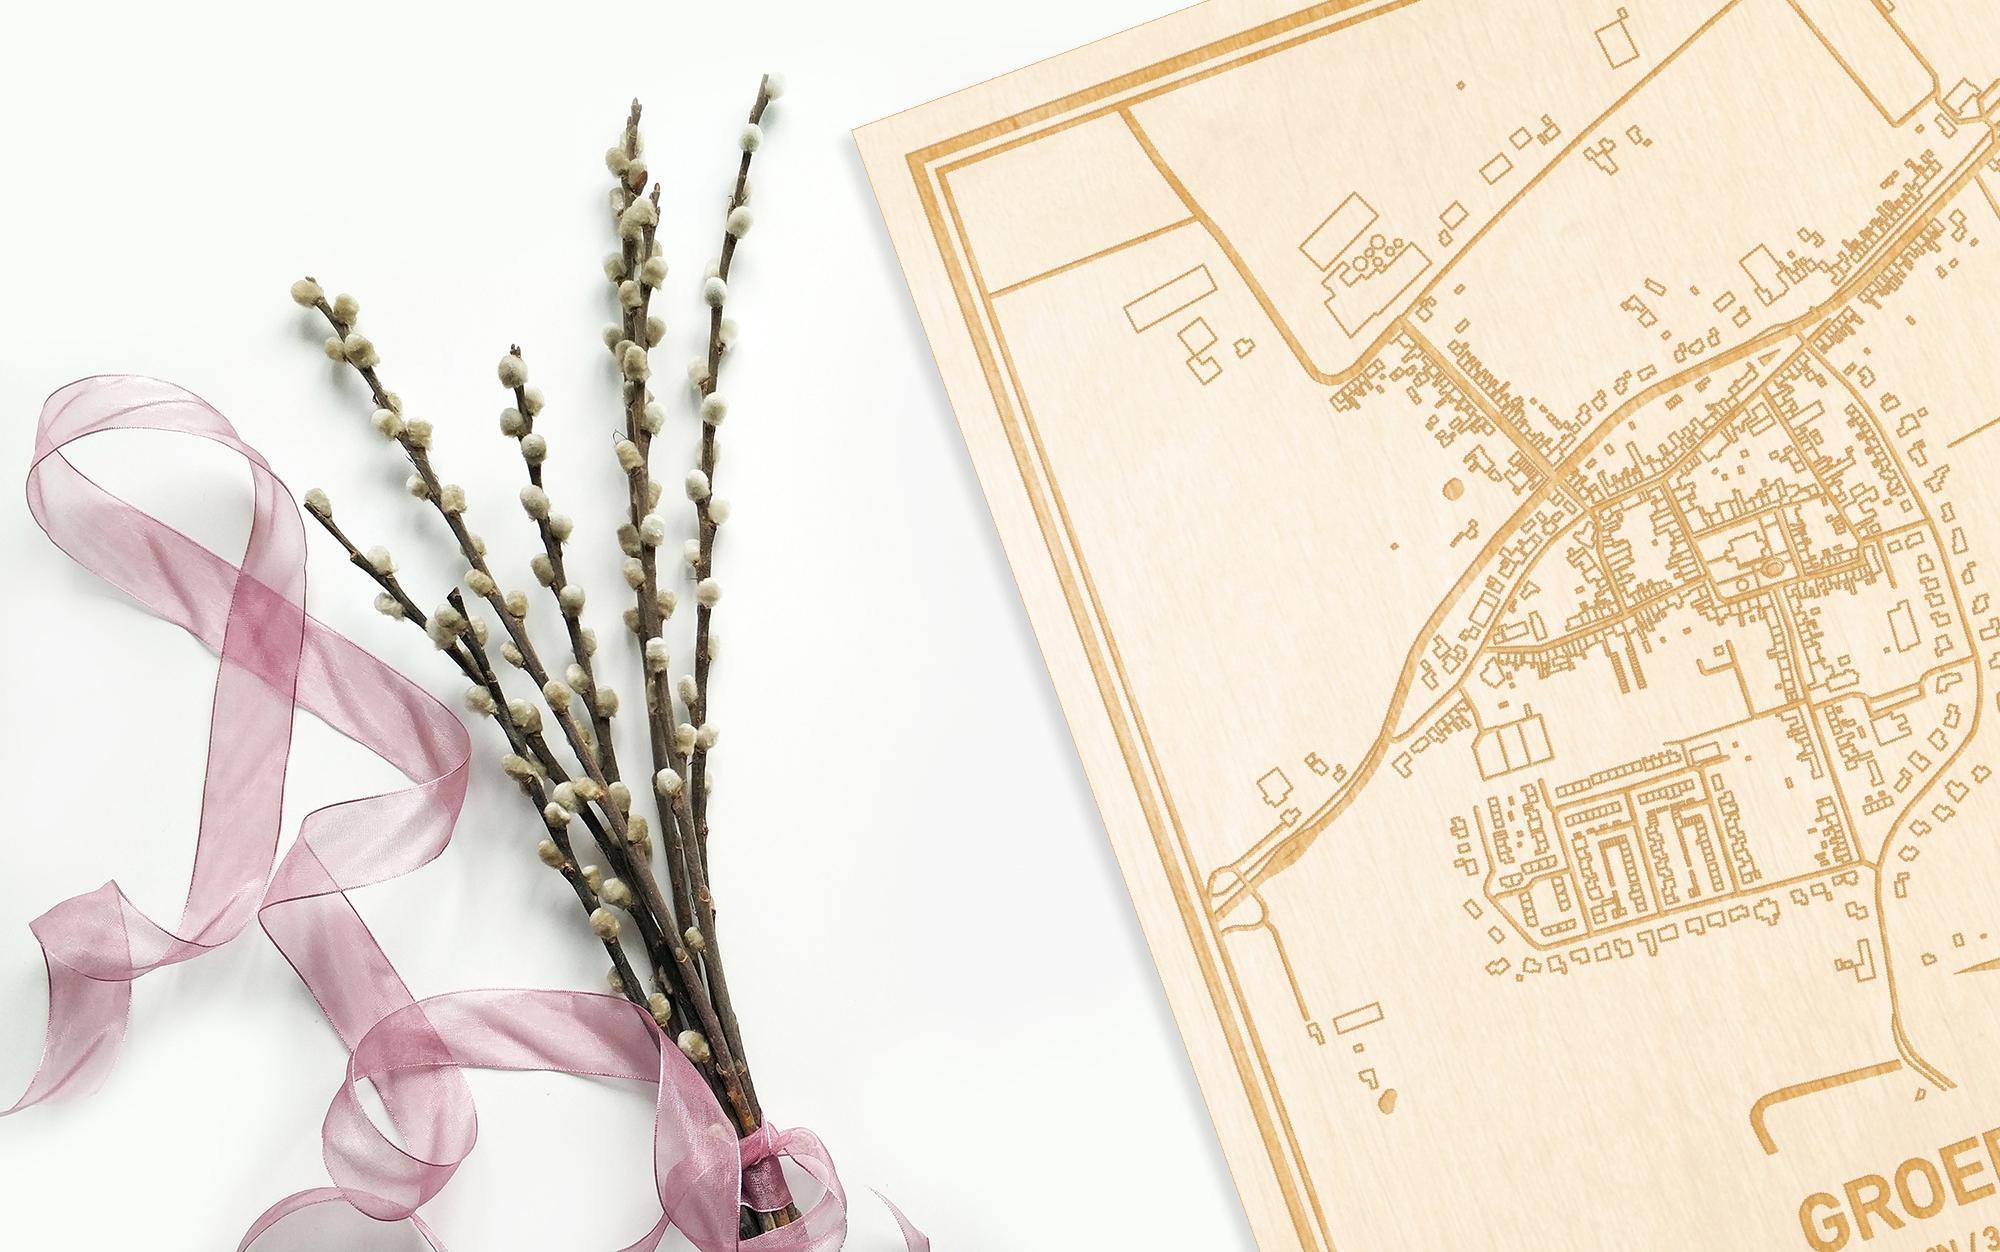 Hier ligt de houten plattegrond Groede naast een bloemetje als gepersonaliseerd cadeau voor haar.